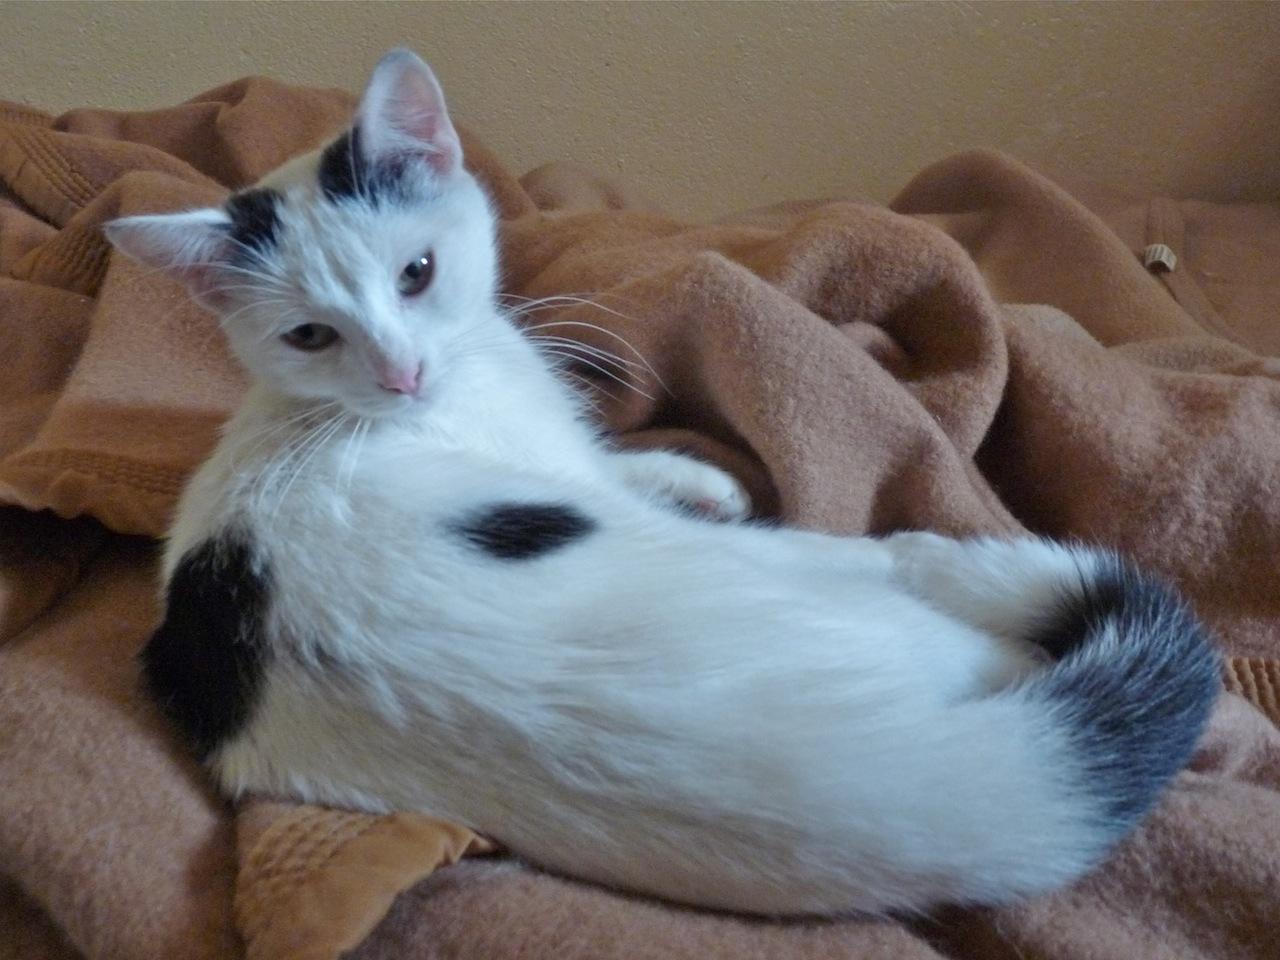 JEMMA - F - Née le 15/04/2014 - Adoptée en novembre 2014